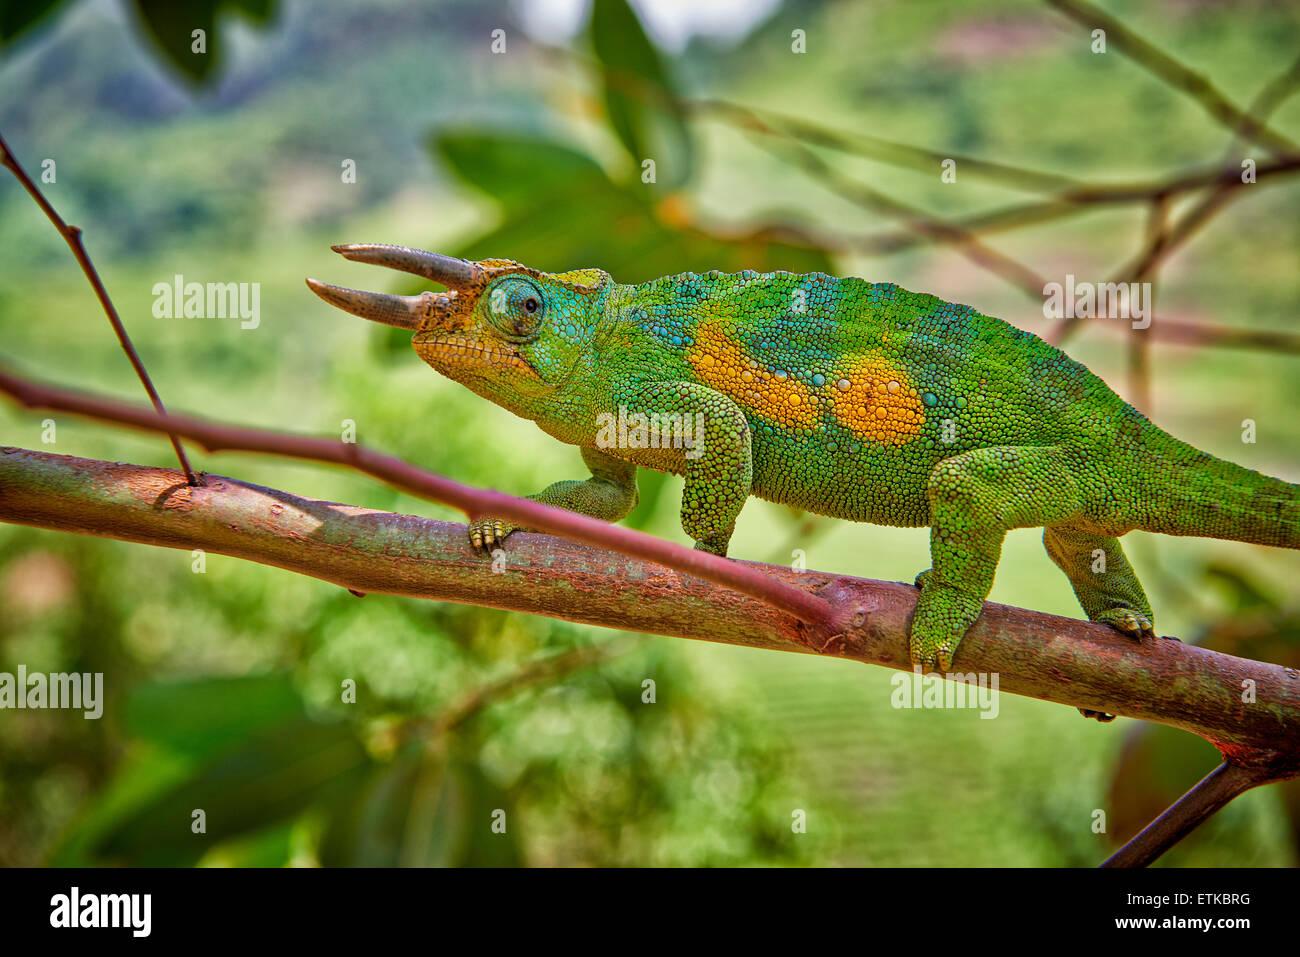 Jackson di tre-cornuto camaleonte, Trioceros jacksonii, Parco nazionale impenetrabile di Bwindi, Uganda, Africa Immagini Stock